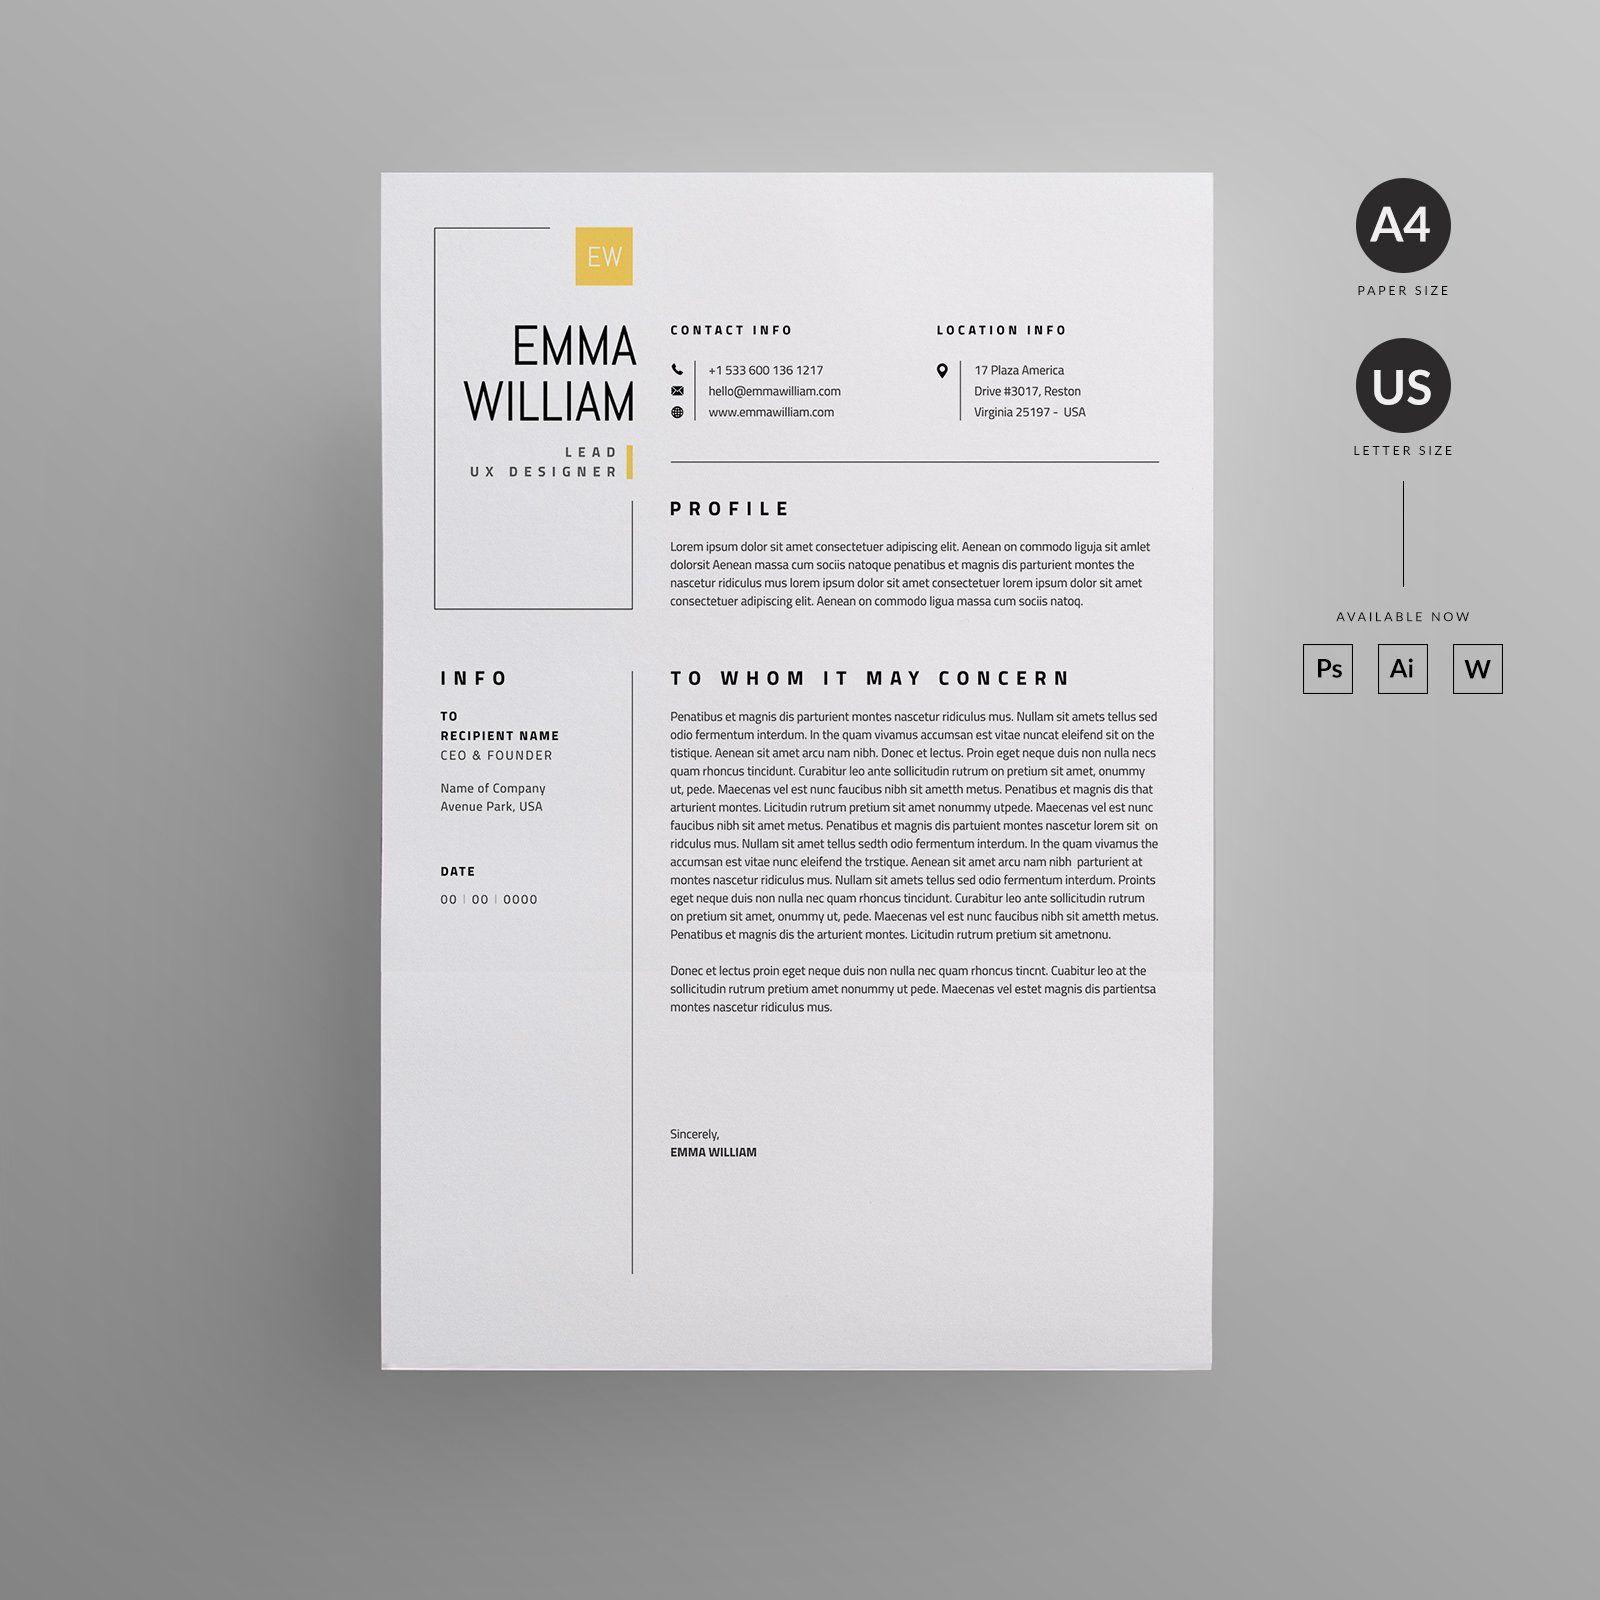 Resume Cv, Letterhead Design, Resume